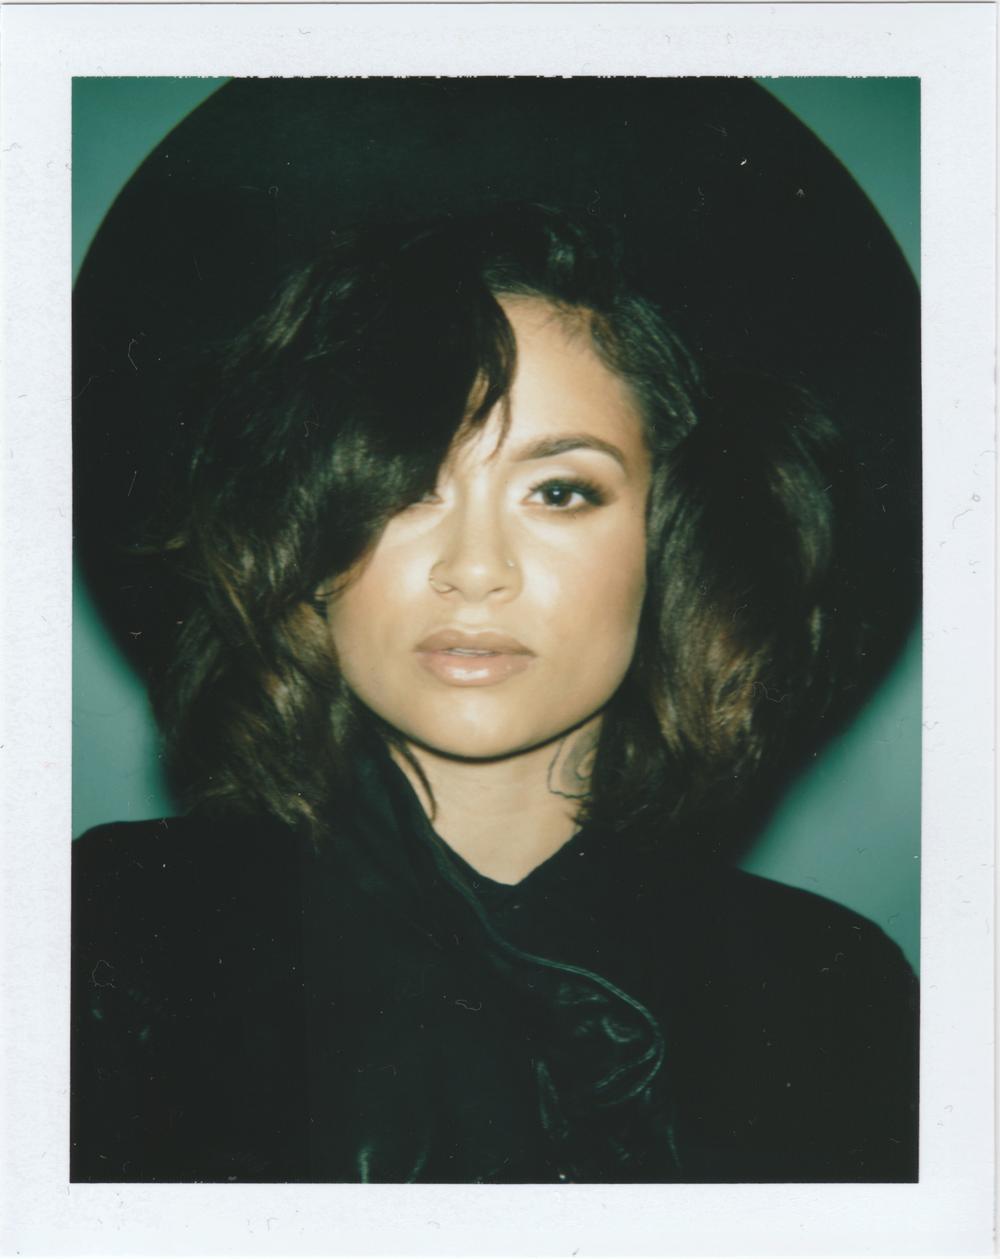 Kehlani-Polaroid-by-Arturo-Torres-09.png